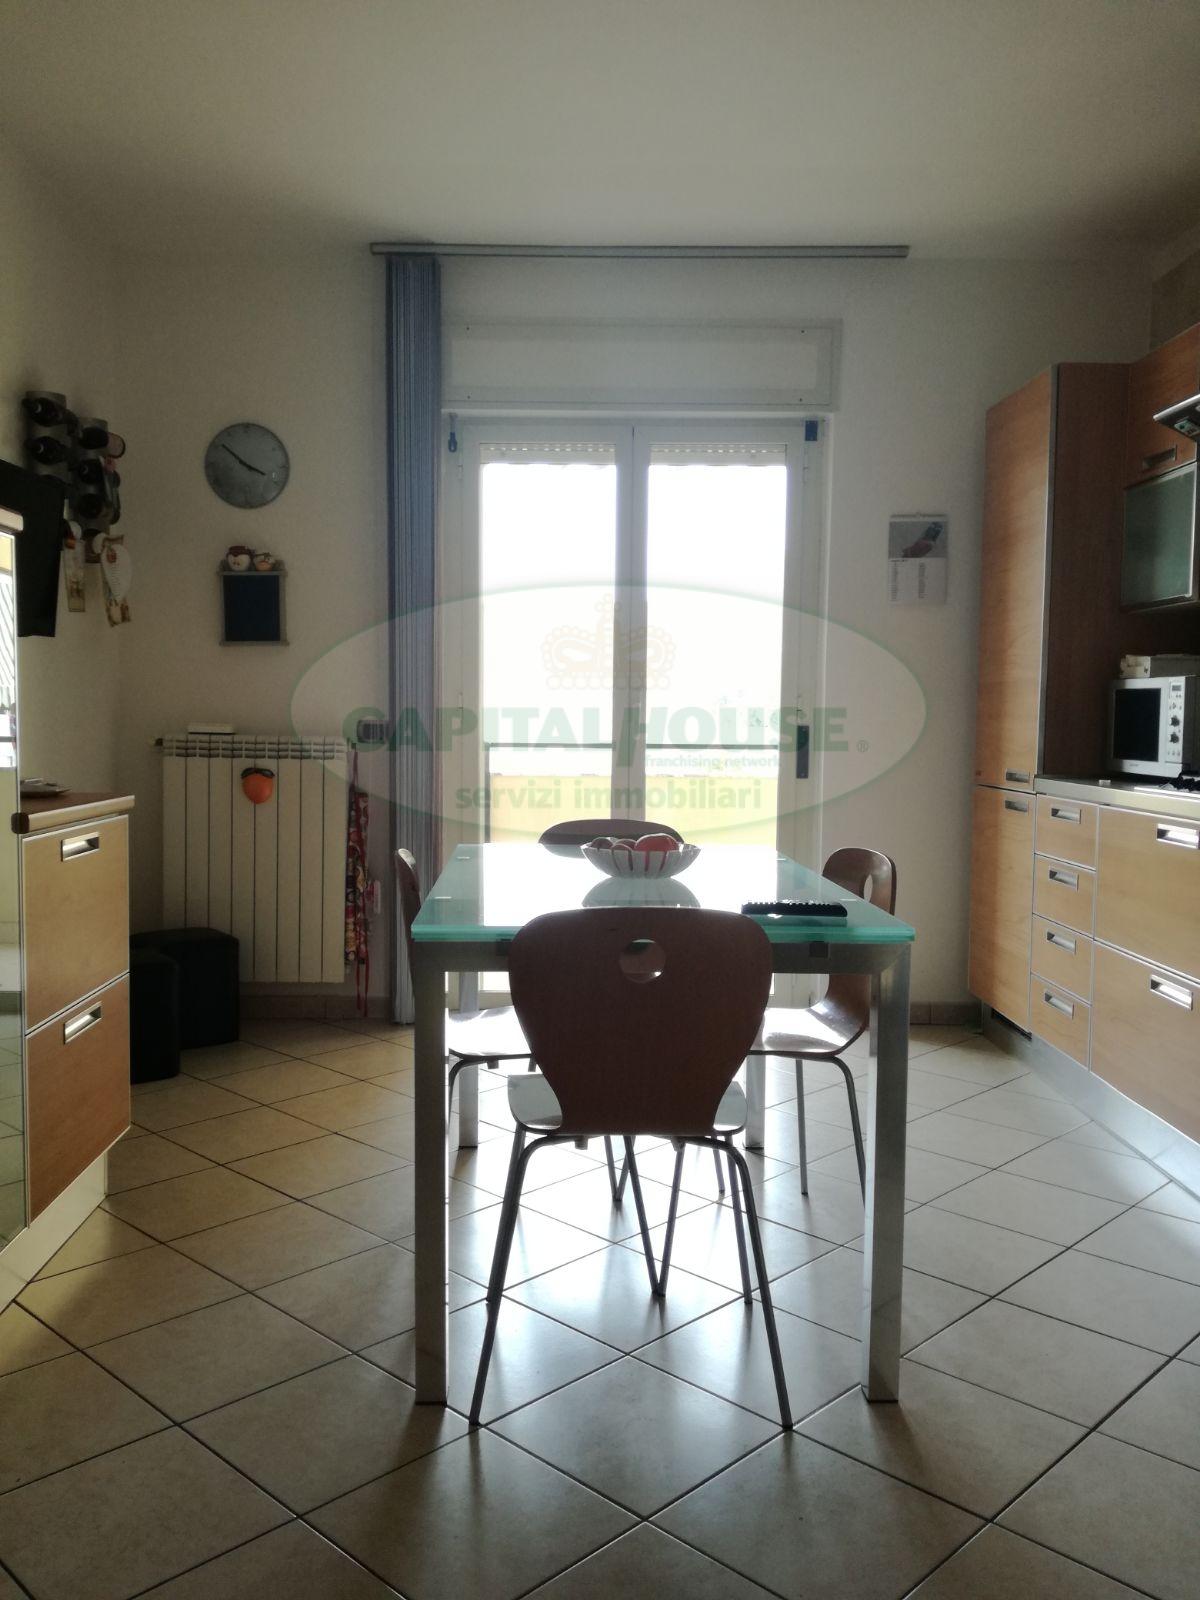 Appartamento in vendita a San Prisco, 3 locali, zona Località: ZonaPiscina, prezzo € 175.000   CambioCasa.it